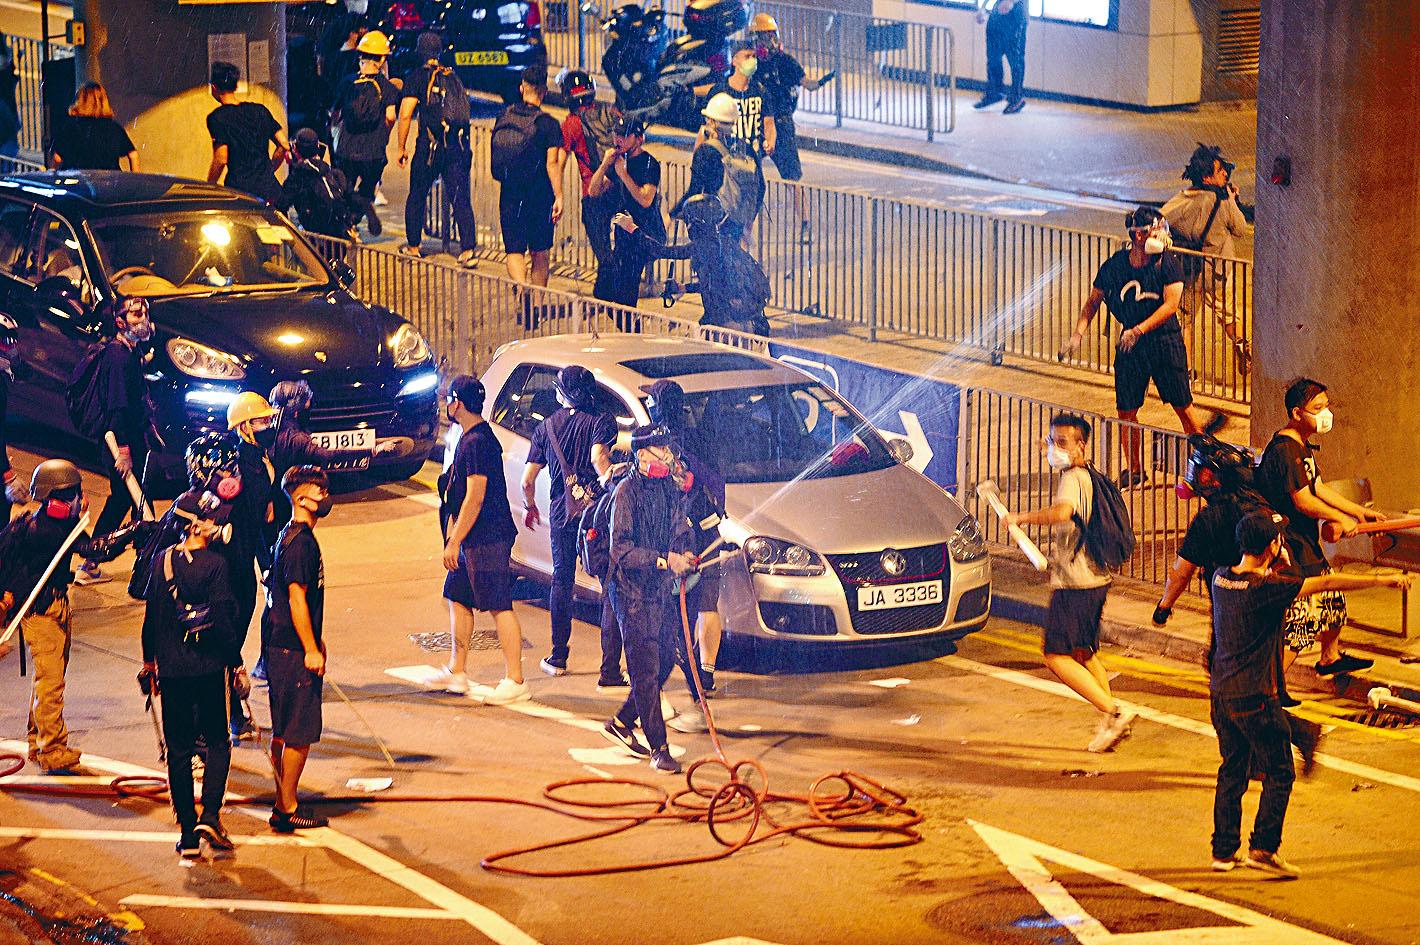 示威者在車站外拉喉射水,圖企阻礙警方清場。蘇正謙攝